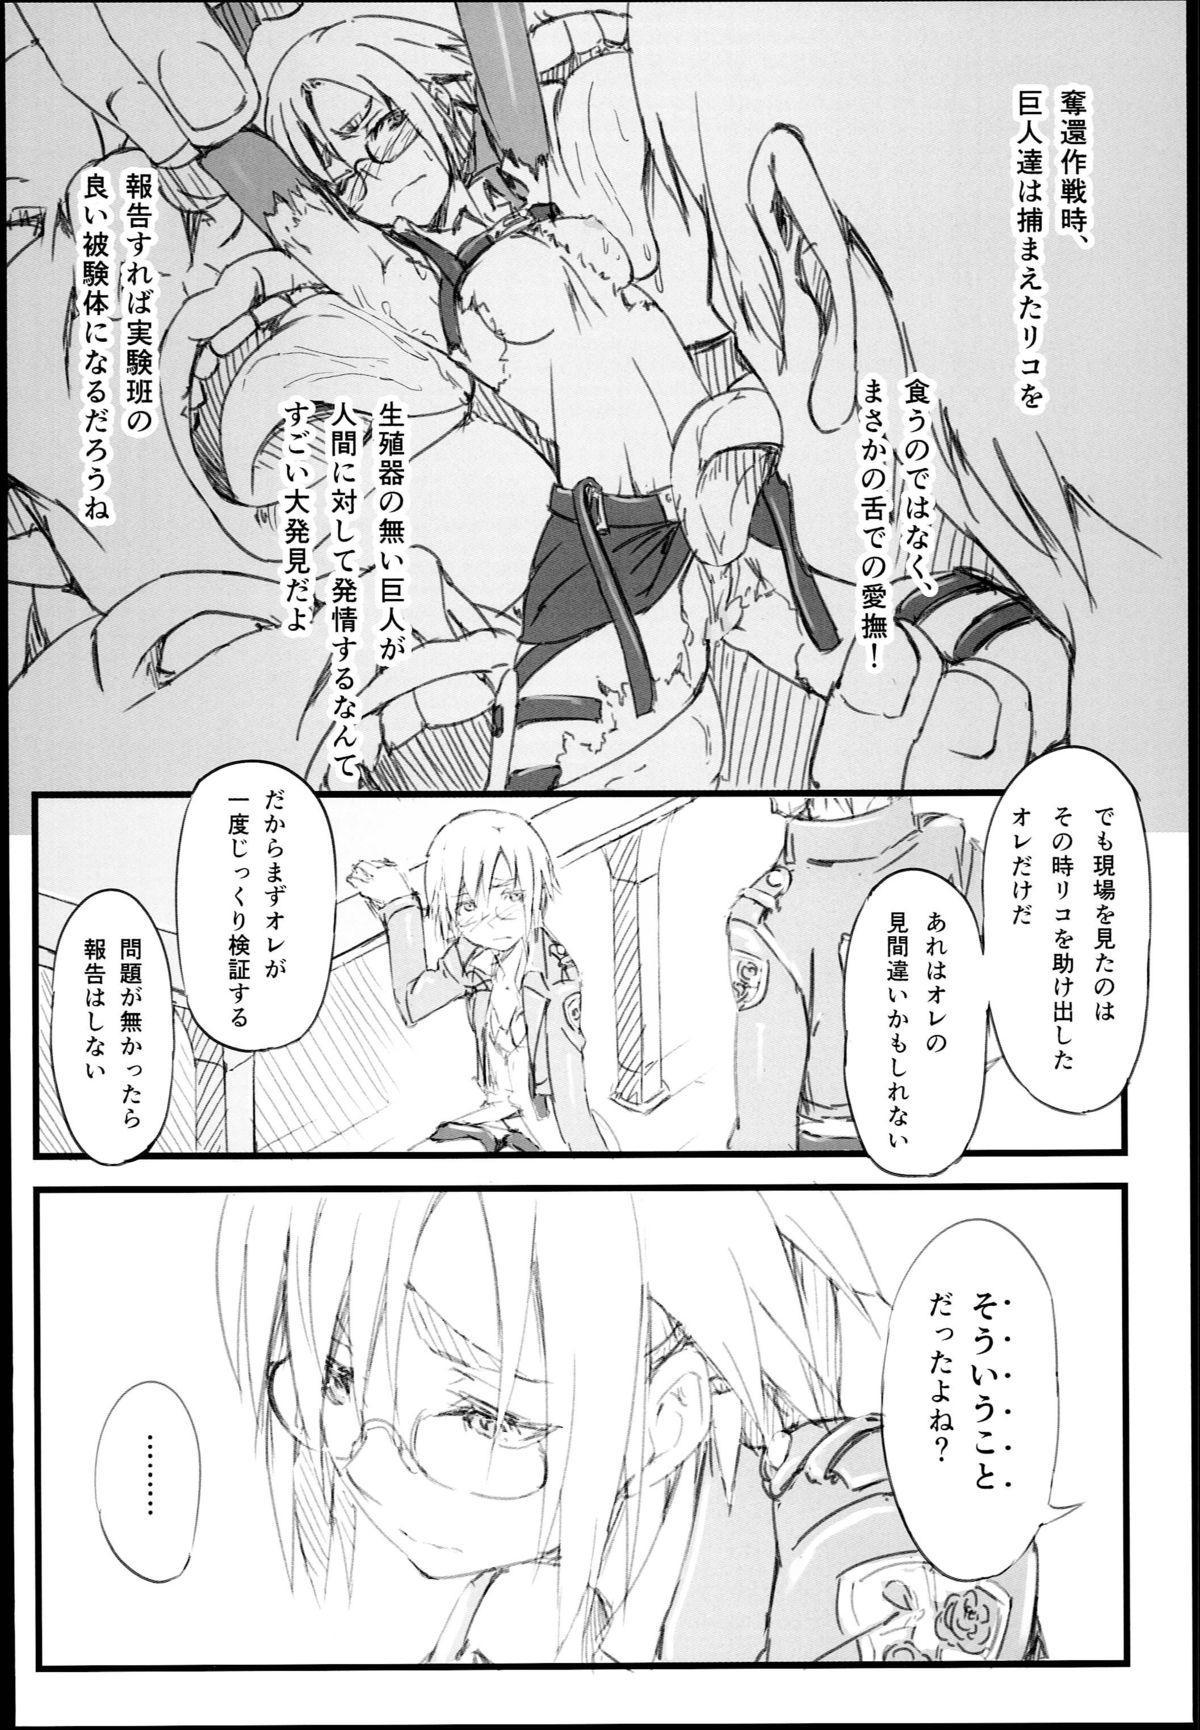 Riko no Genzai Koukai Fukanou na Jouhou 9